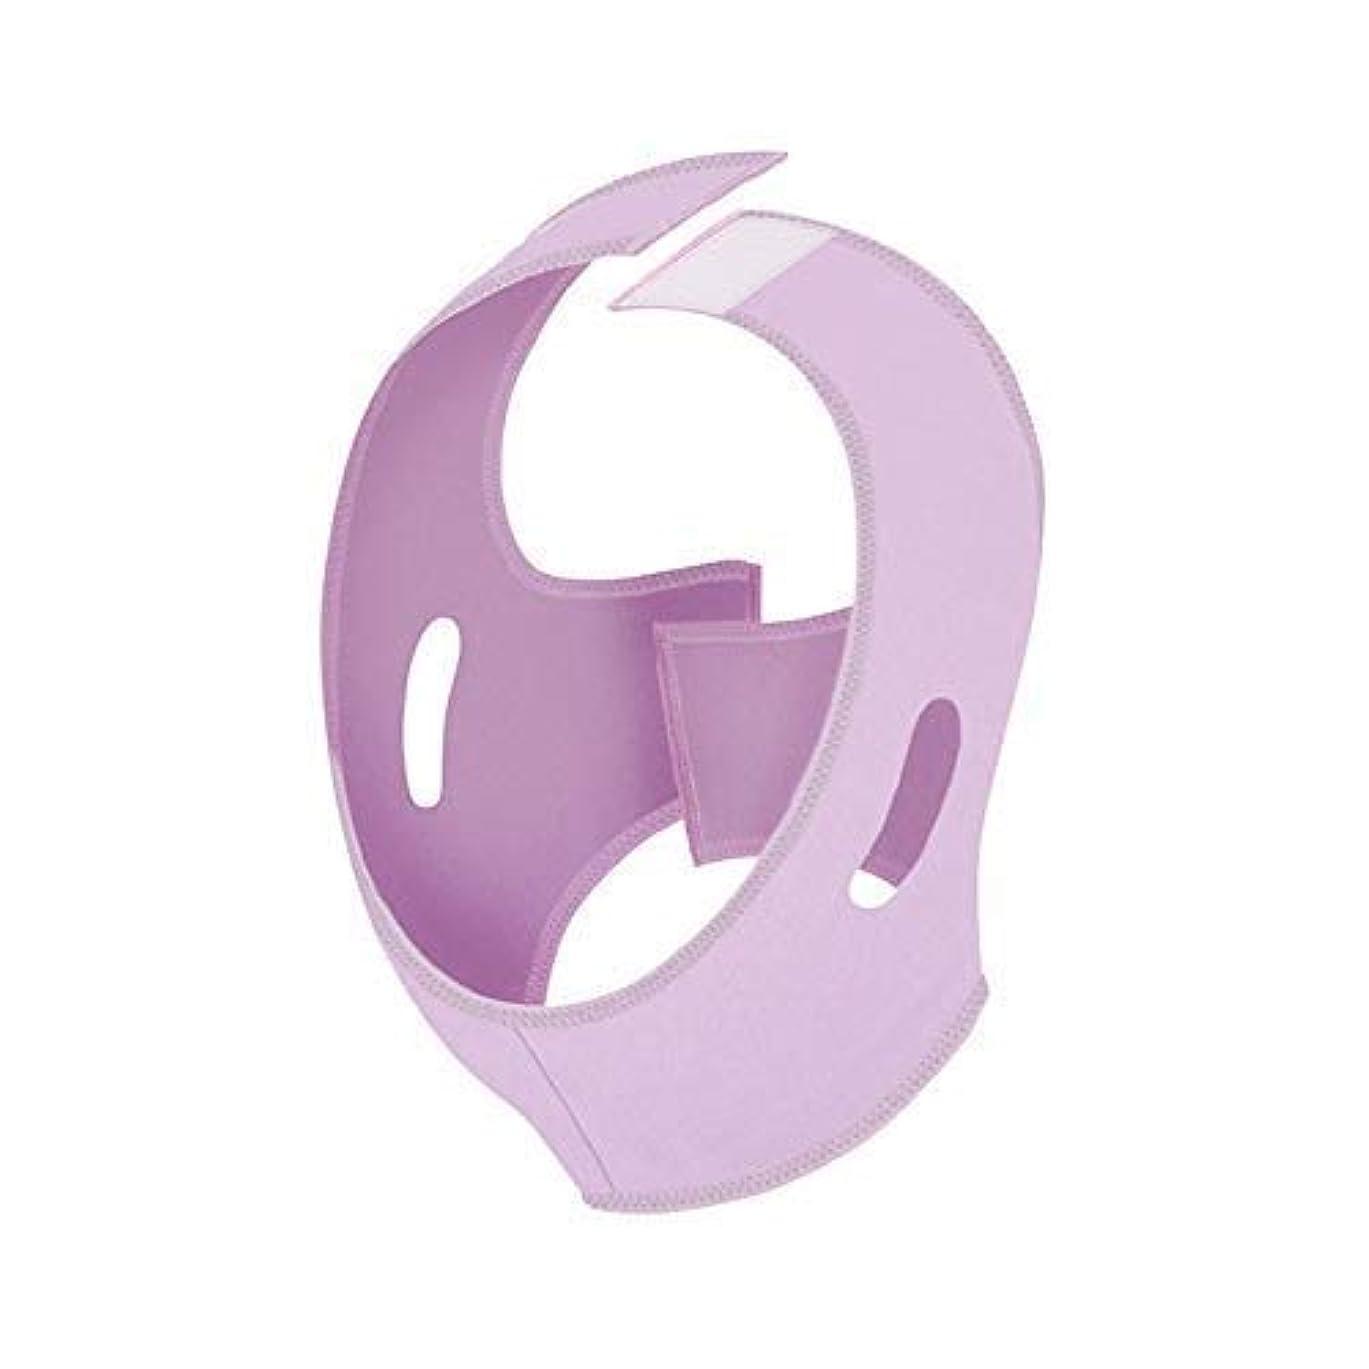 グループ満州フェイシャルマスク、リフティングアーティファクトフェイスマスク垂れ下がった小さなVフェイスバンデージ付きの顔 スリーピングフェイスダブルチンチンセットスリープエラスティックスリミングベルト